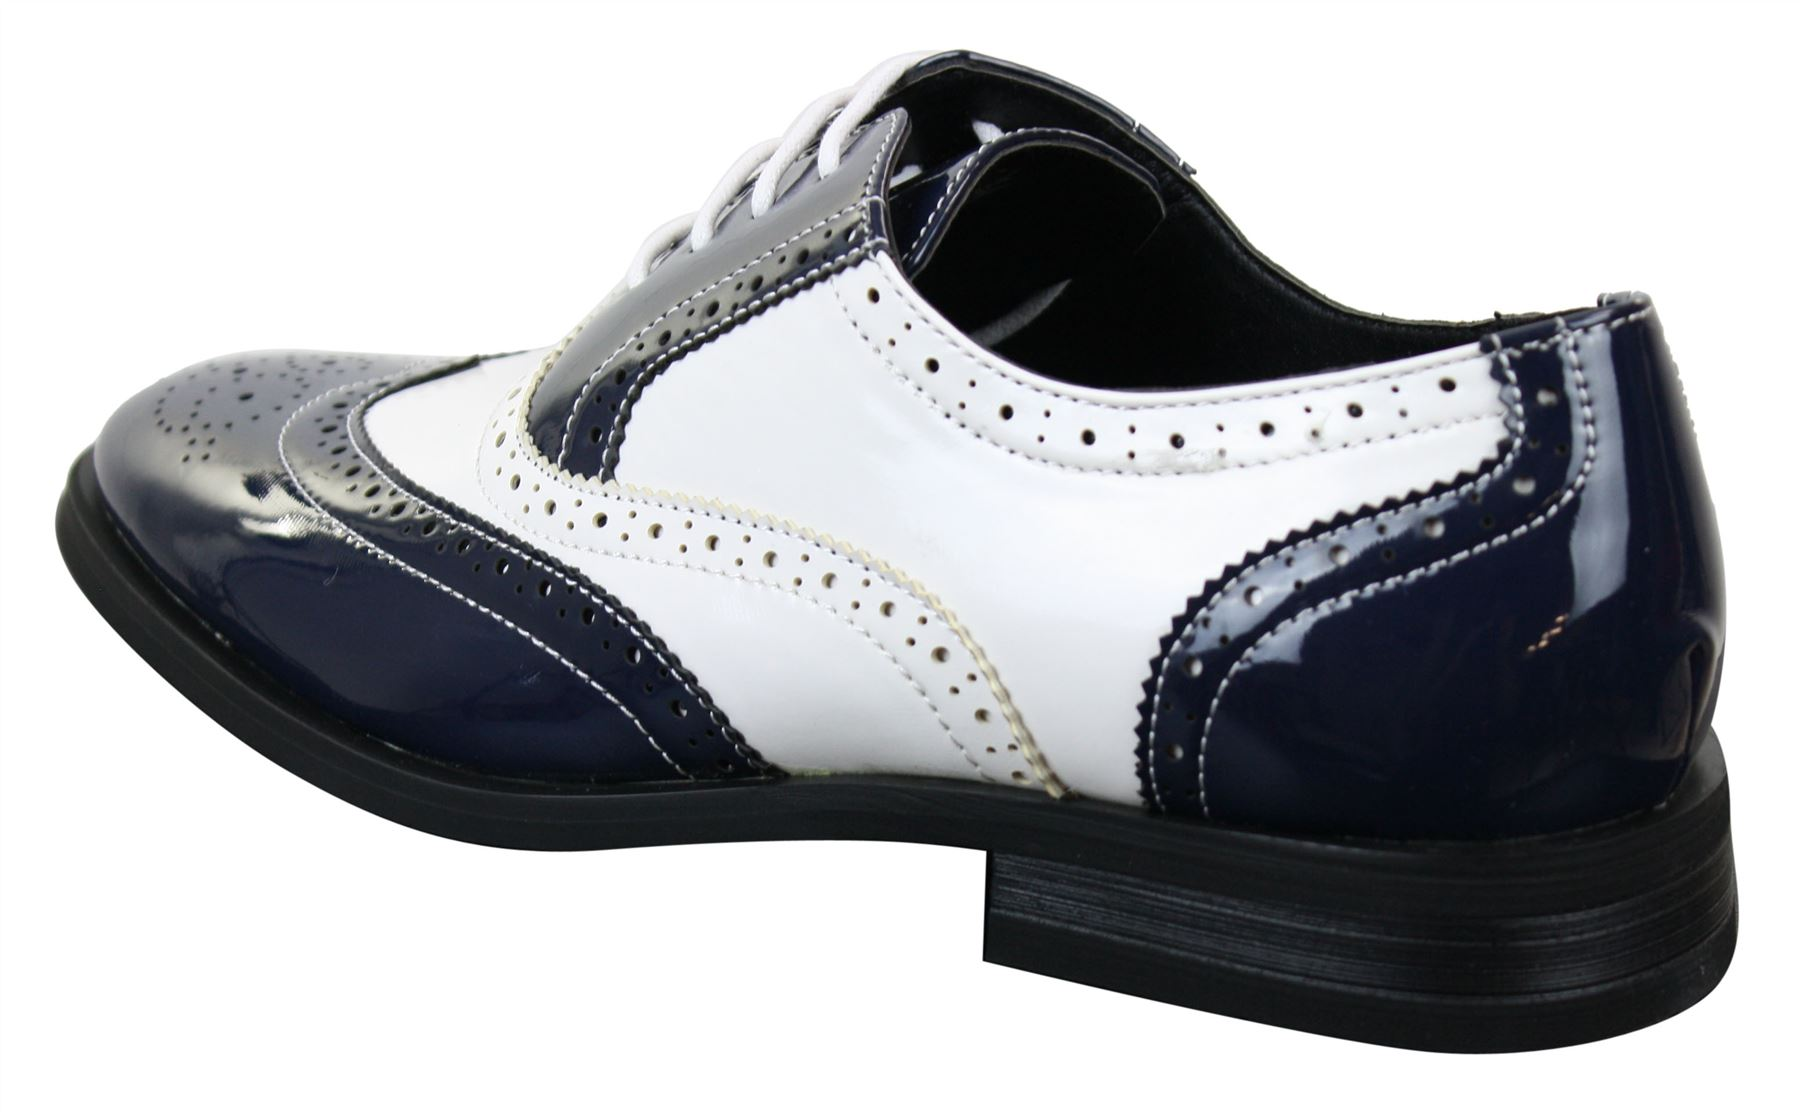 Dentelle Détails Brillant titre Chaussures Patent Gatsby afficher le Classic 1920 Homme Noir Rouge d'origine années sur Blanc Chaussures OXkiuTPZ